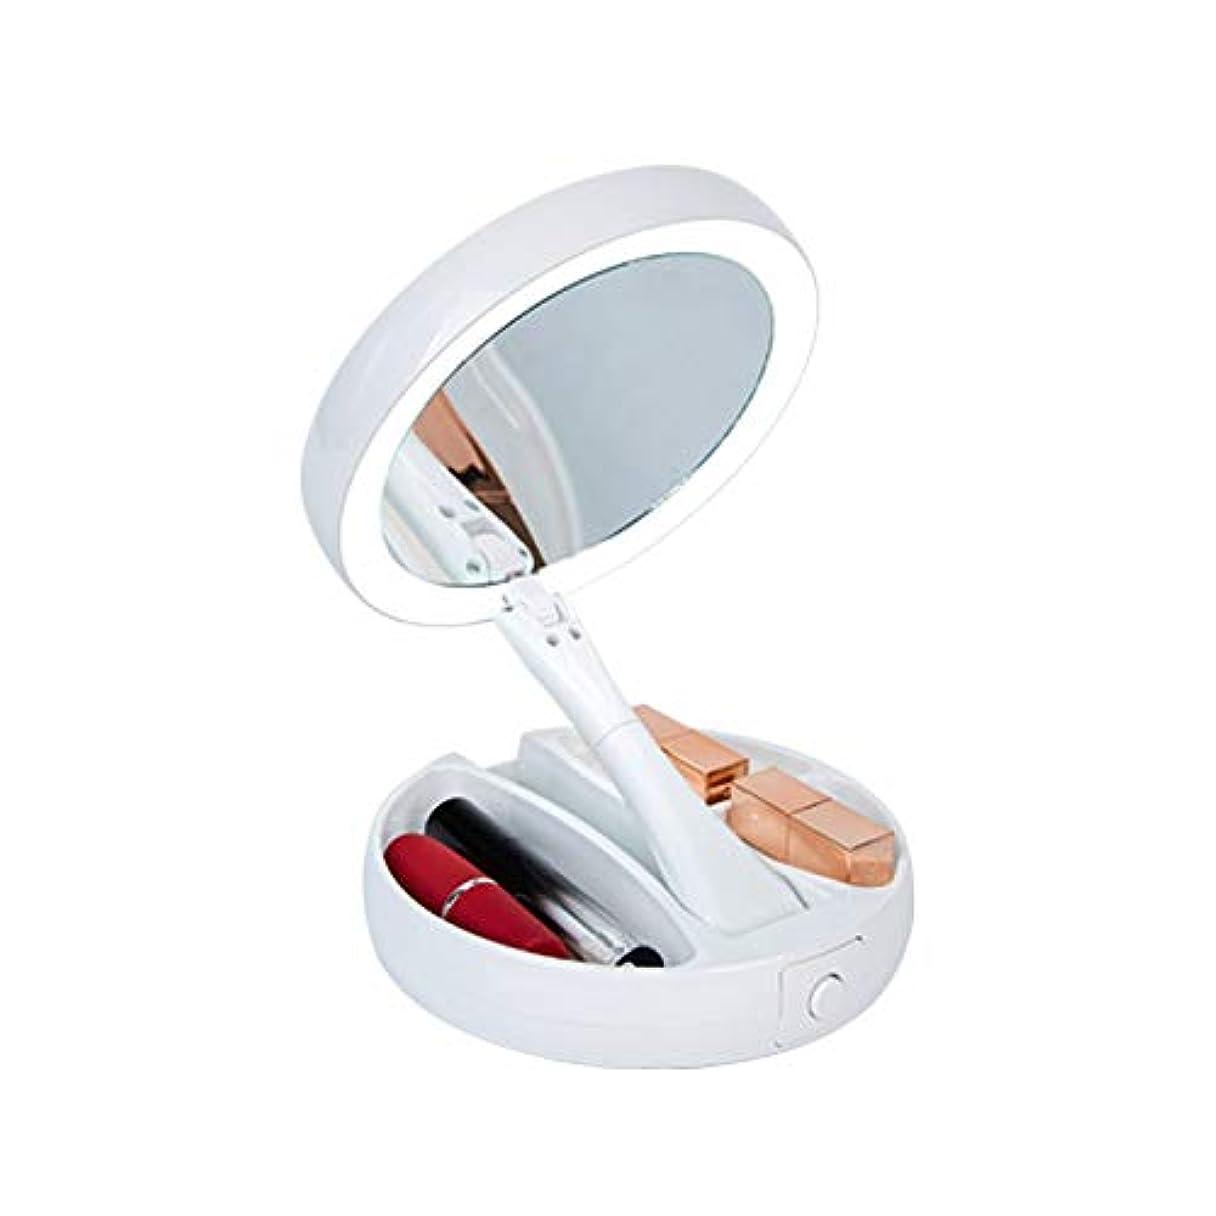 石油展示会サージ化粧鏡 等倍鏡 LED卓上化粧鏡 1X10倍拡大鏡+ メイクミラー 両面型 360度回転式 USBか電池を使って